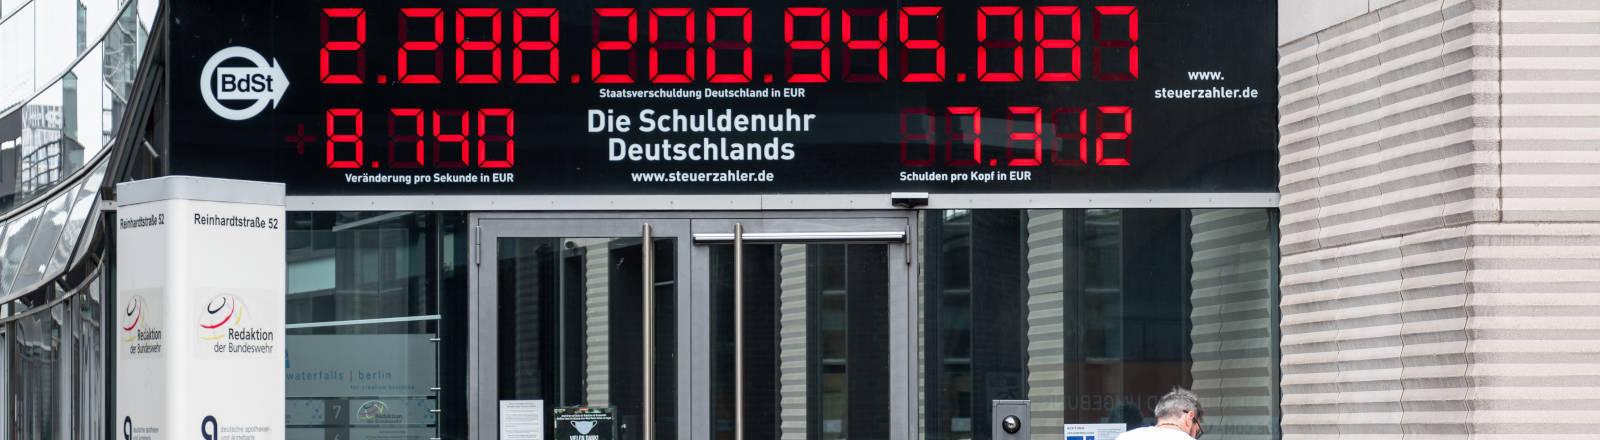 Die Schuldenuhr Deutschlands vom Bund der Steuerzahler